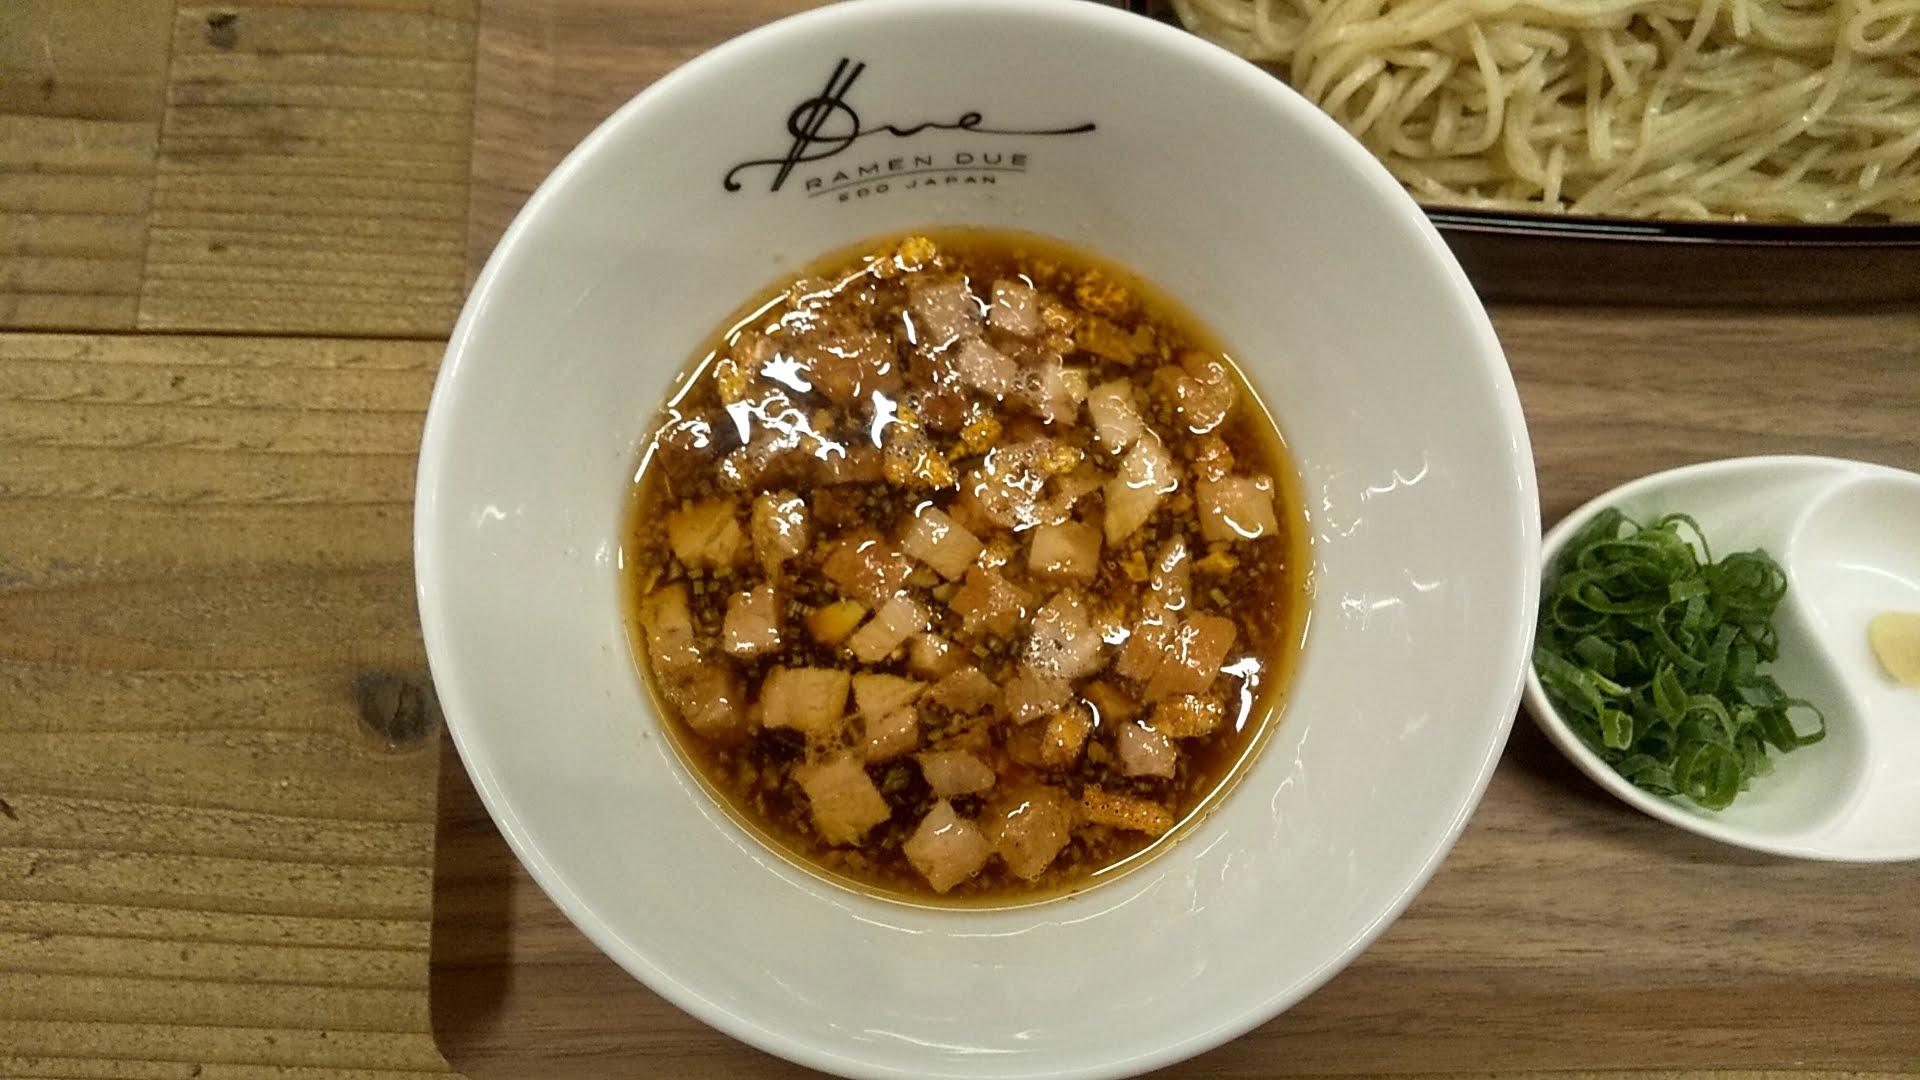 RamenドゥエEdoJapanの果実酢のせいろつけ麺のつけ汁